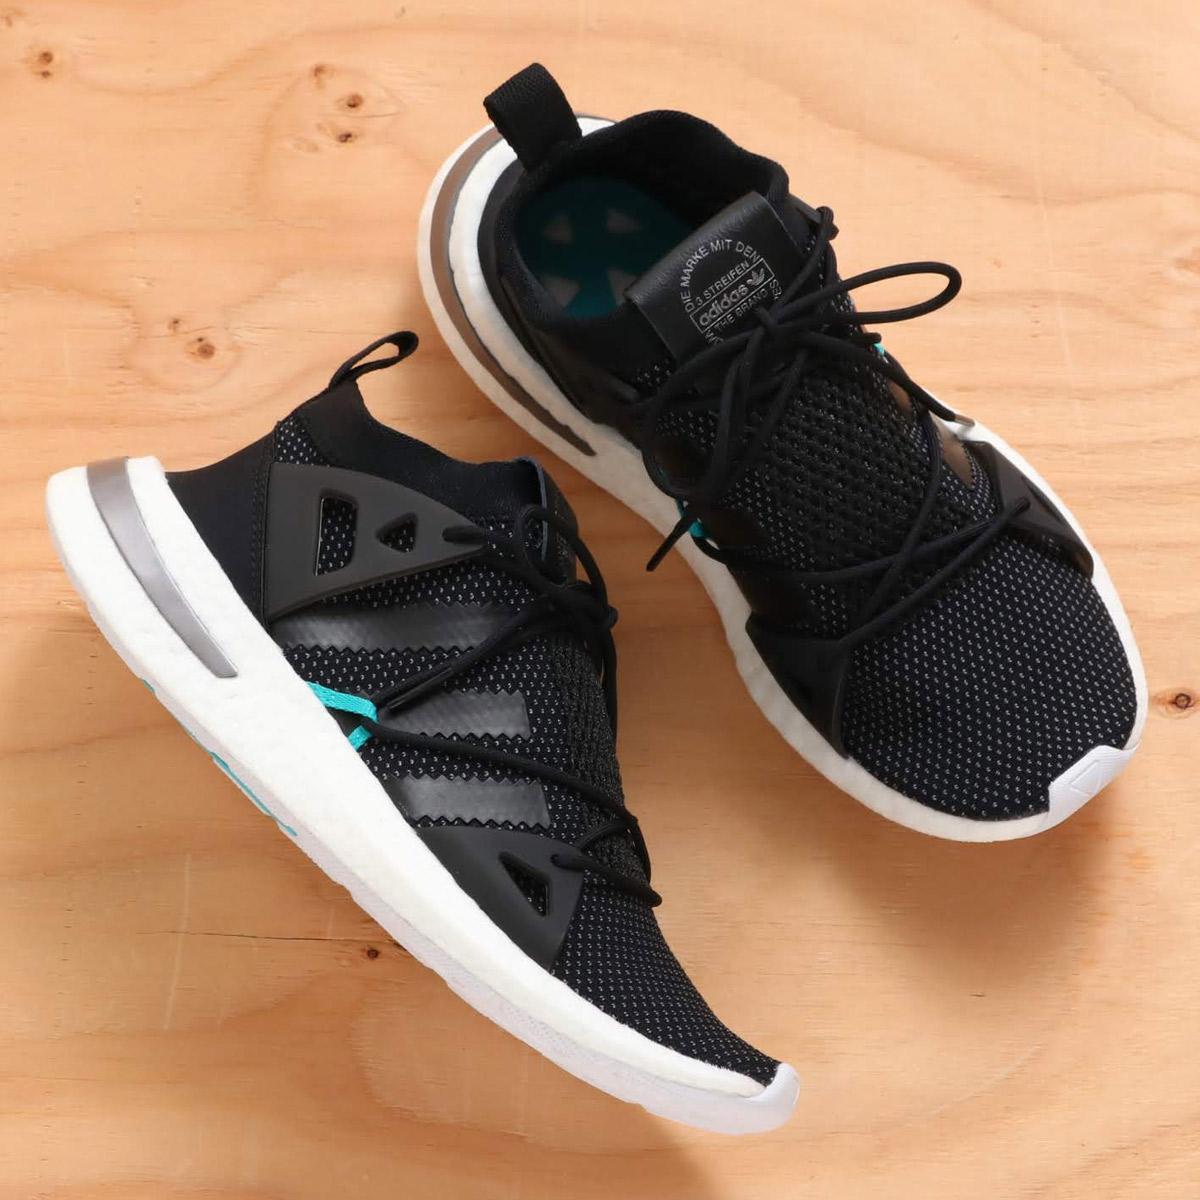 promo code 0bd4d 8ef32 adidas Originals ARKYN W (Adidas originals Arkin W) CORE BLACK CORE  BLACK RUNNING WHITE 18FW-I